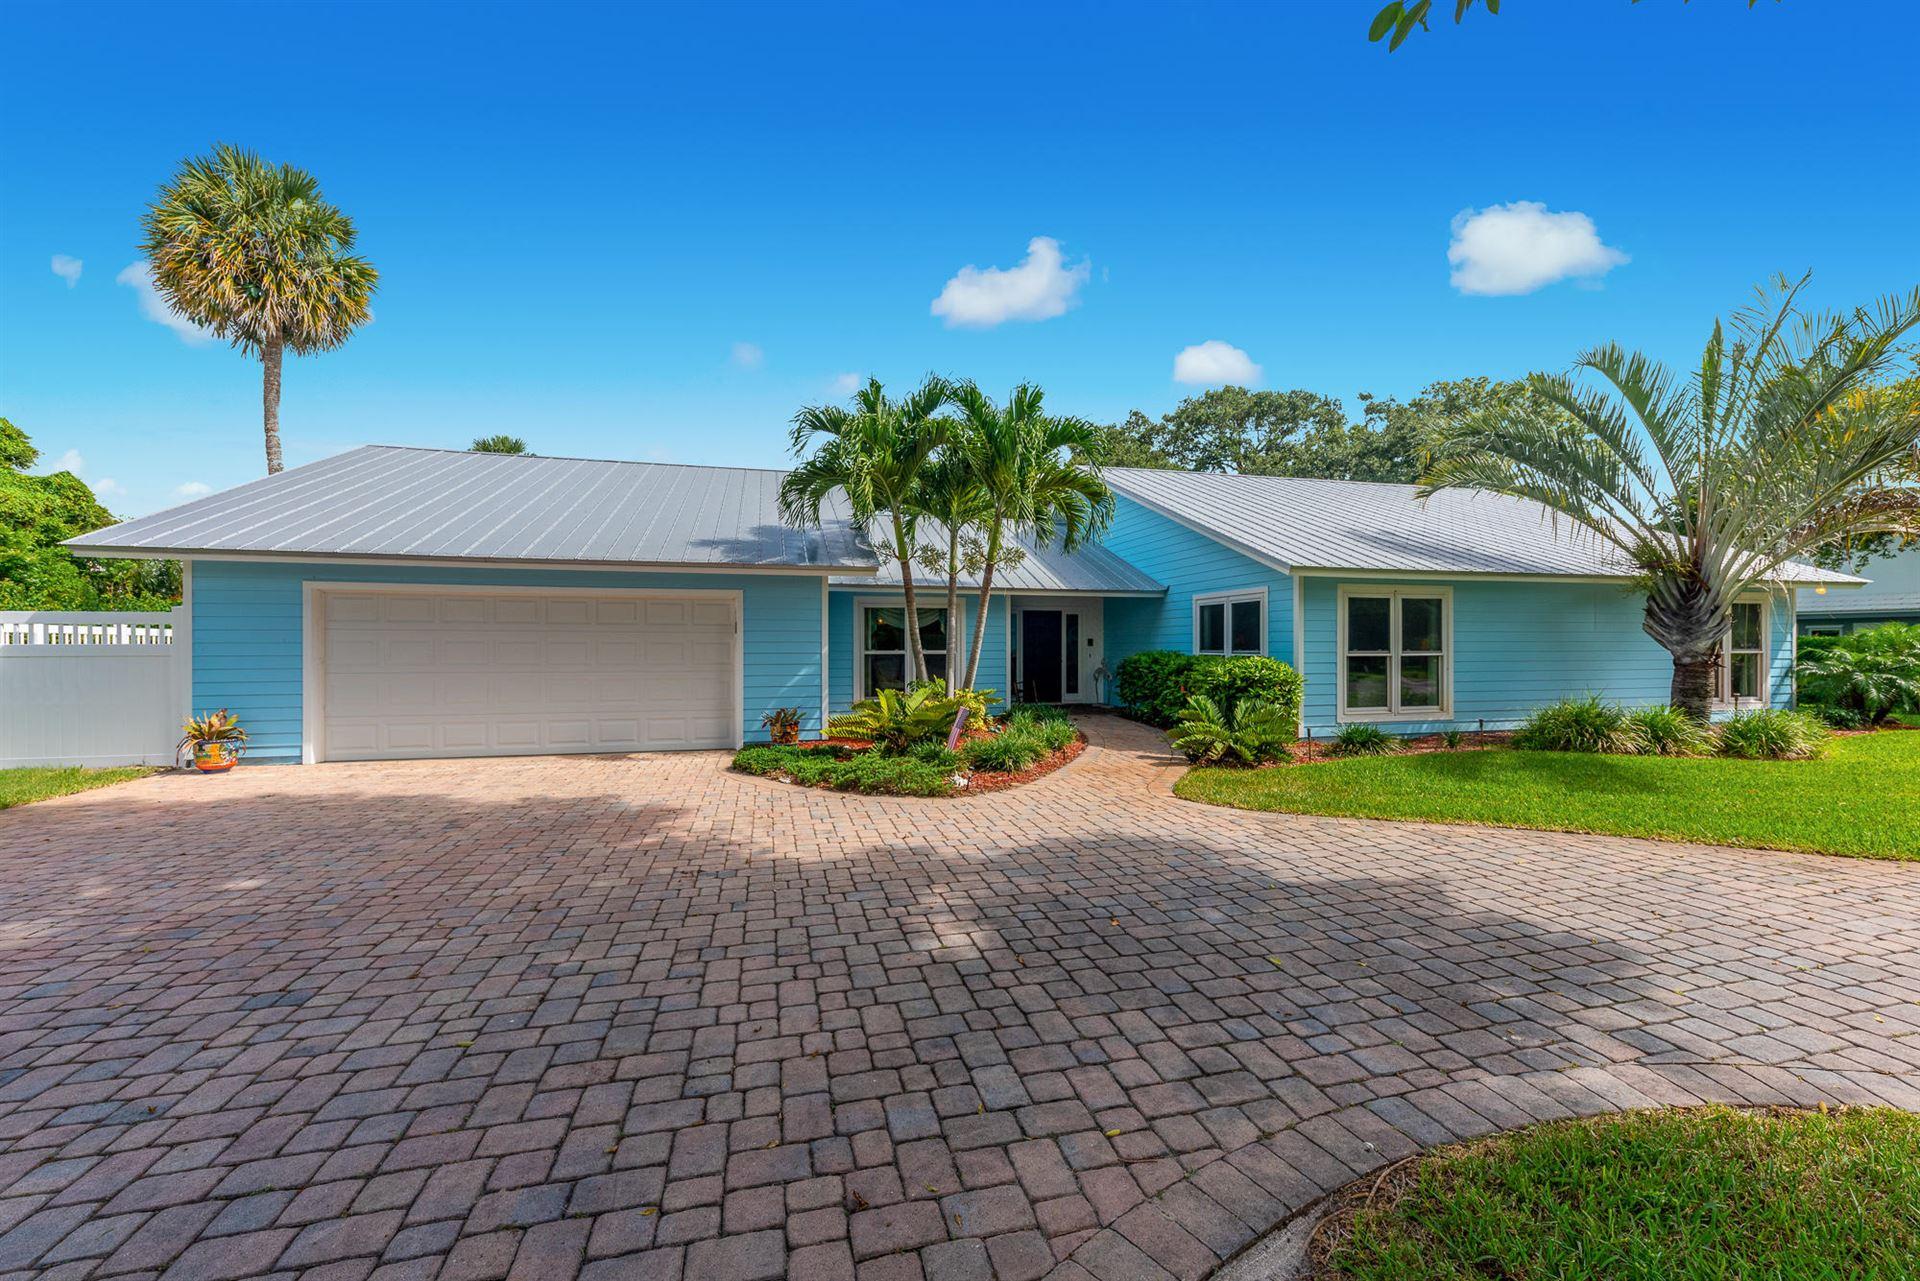 10 Ridgeland Drive, Sewalls Point, FL 34996 - #: RX-10636361